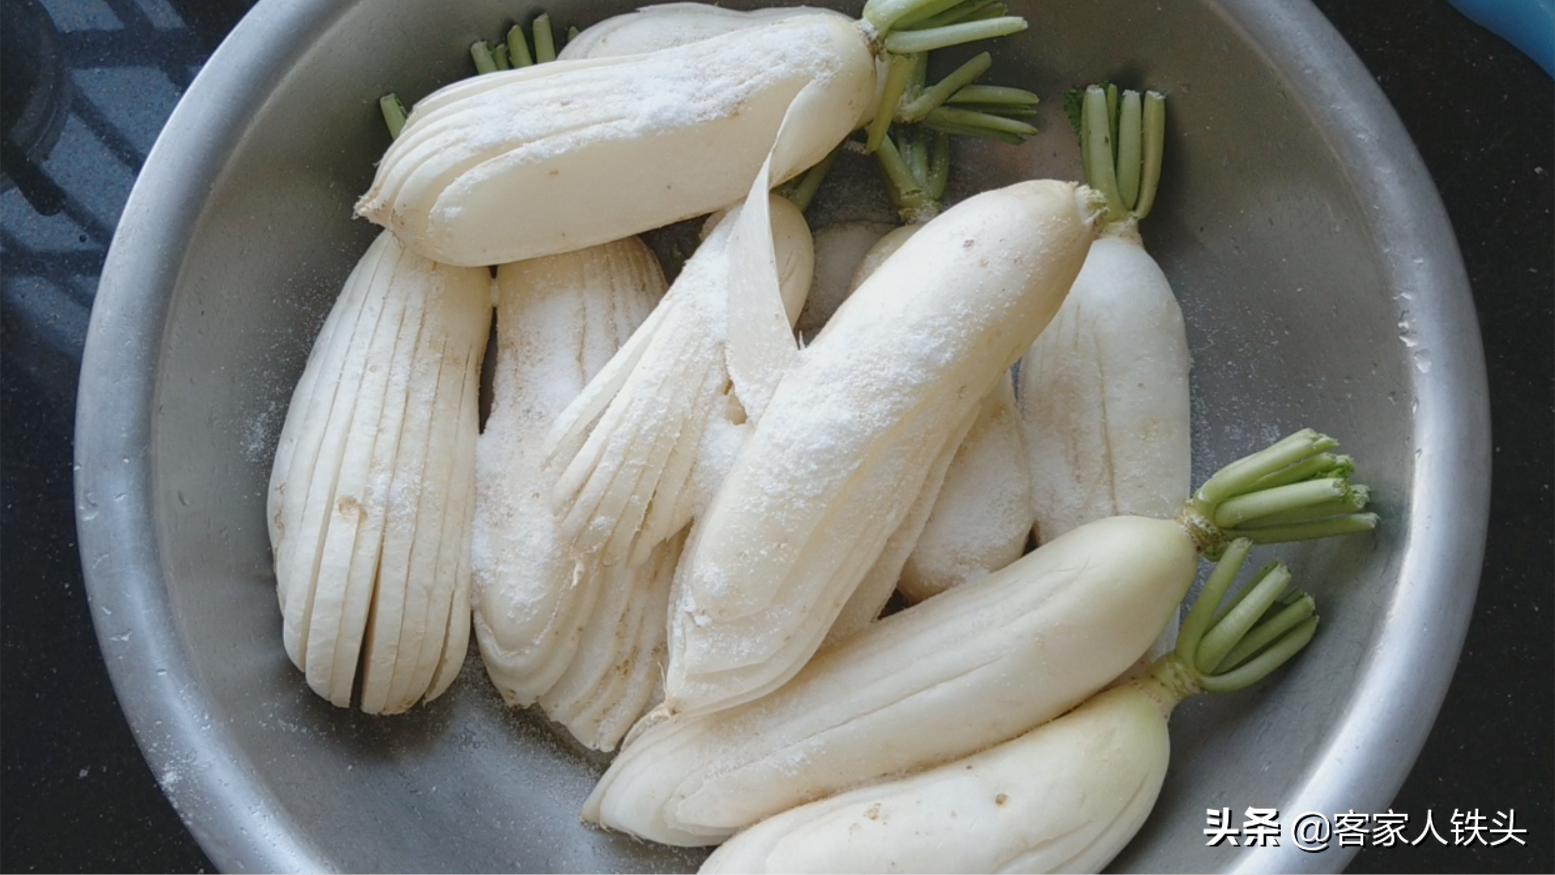 客家人百吃不膩的蘿蔔吃法,傳統味口感好,酸辣爽口好吃到不想停